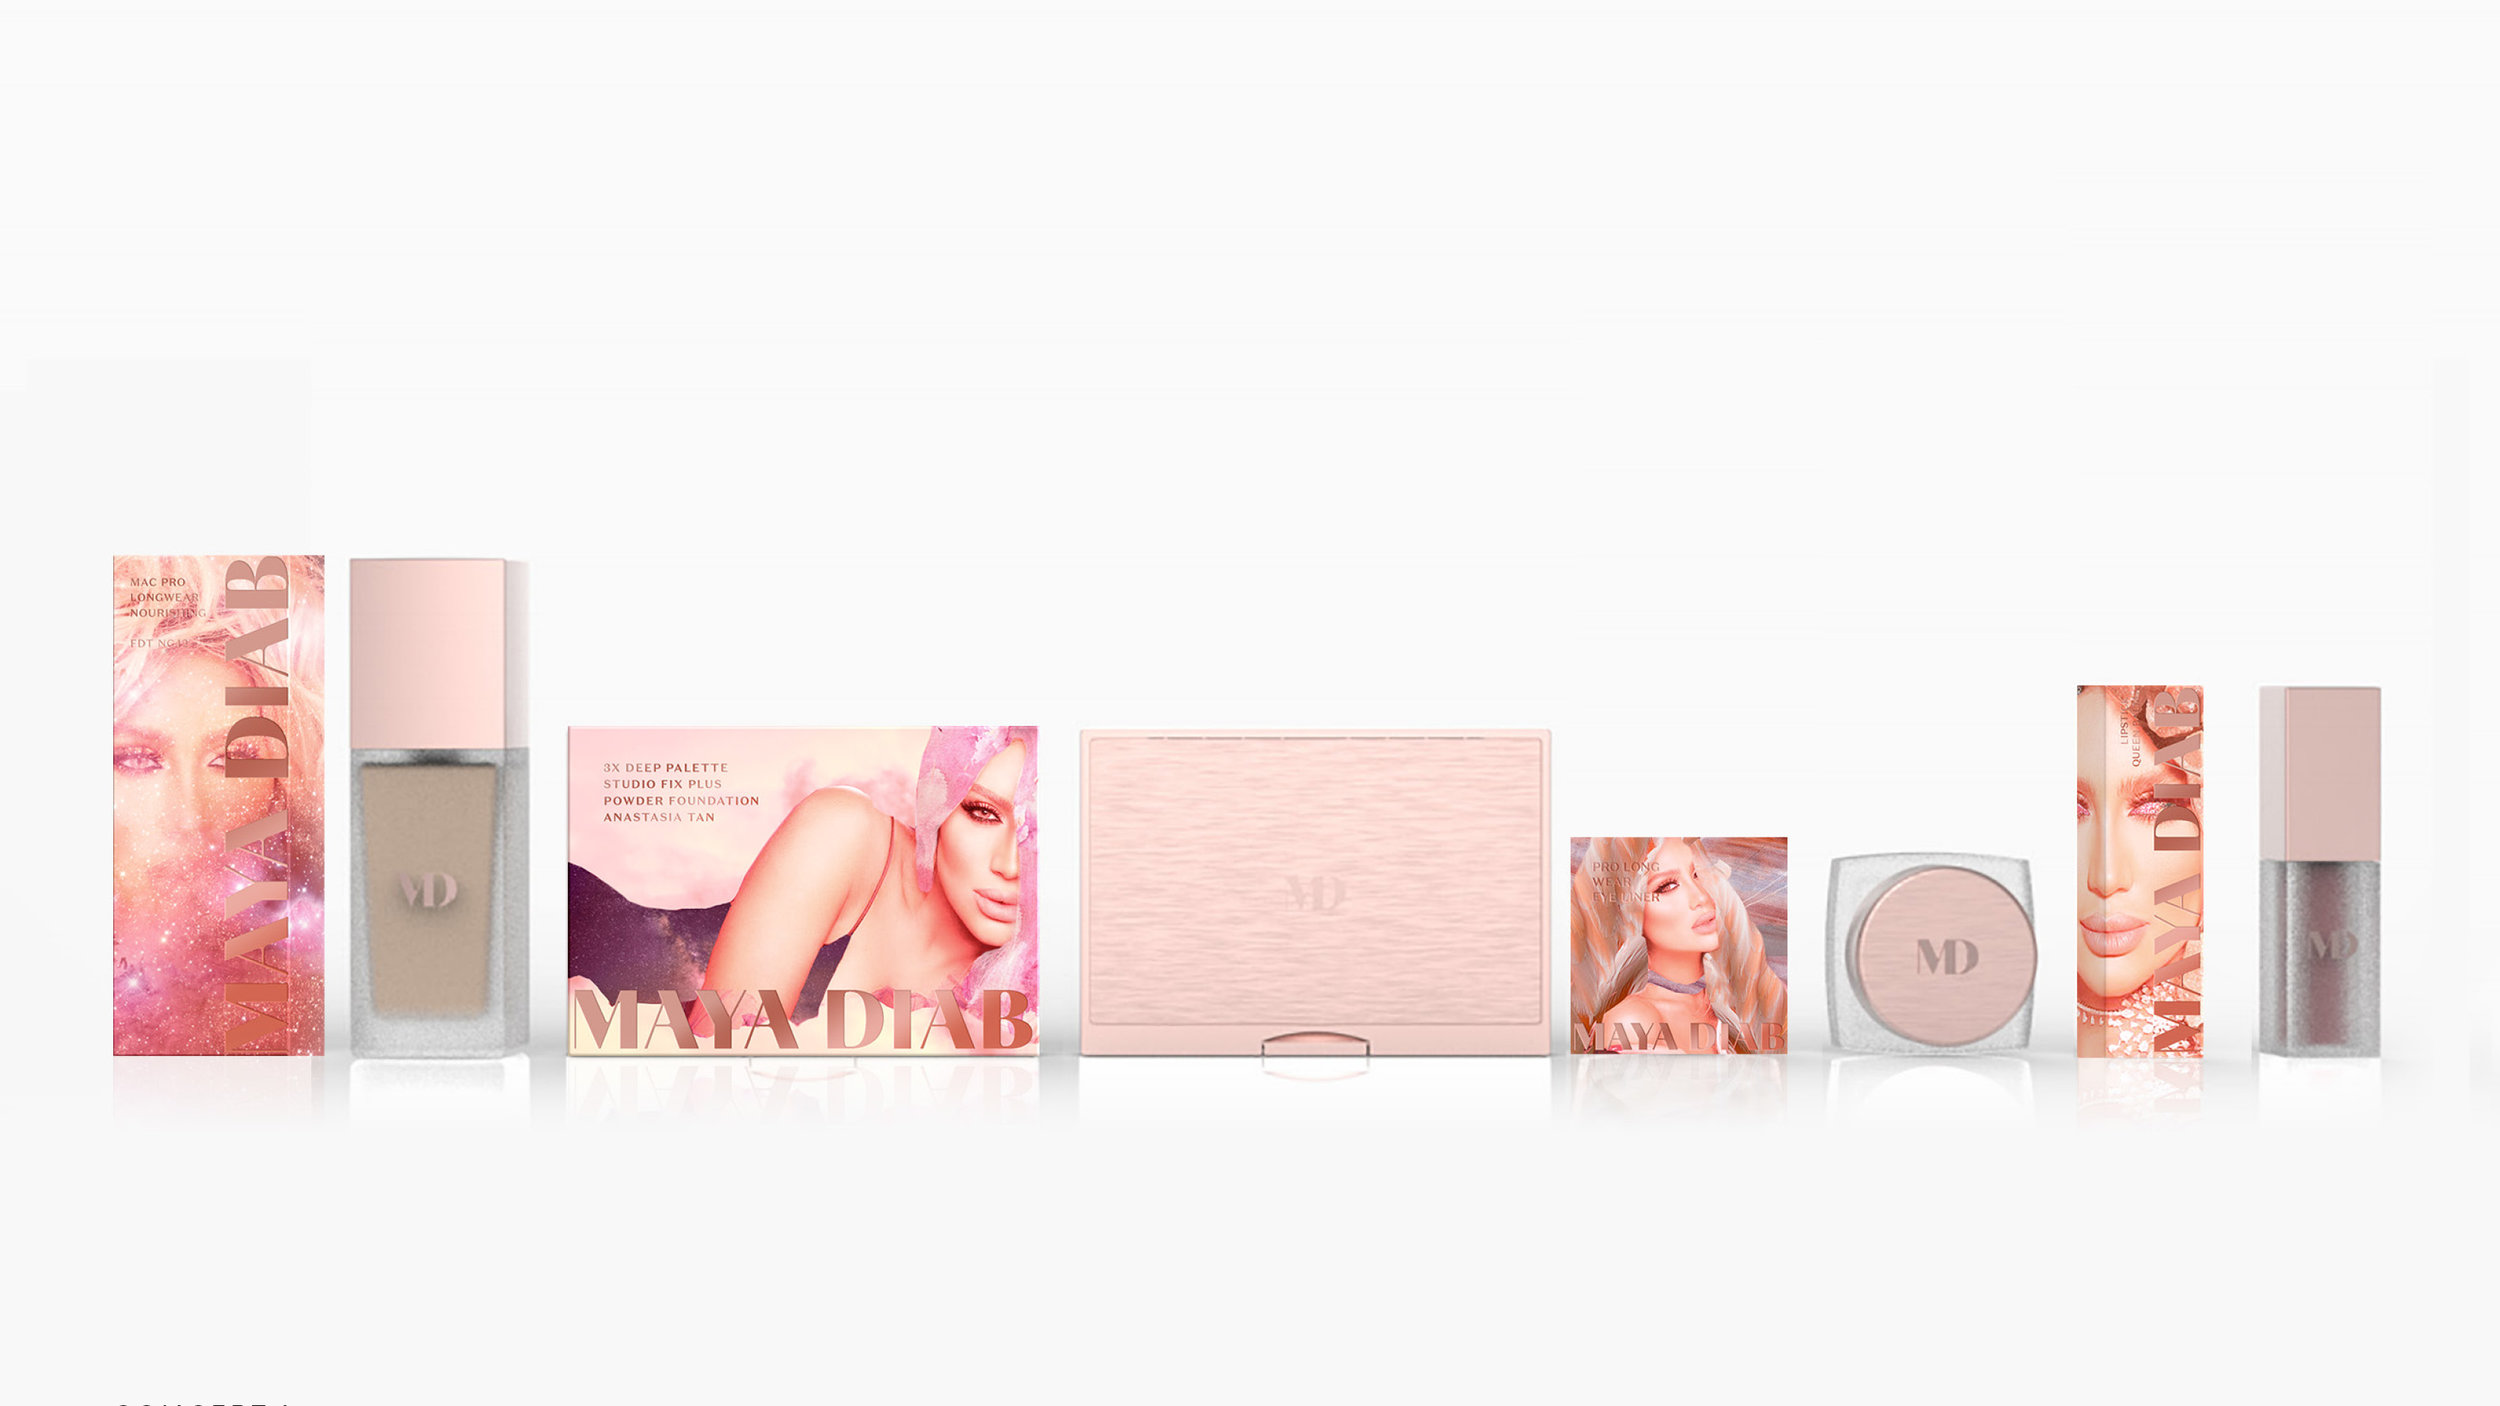 MayaDiab_packaging_260318-4.jpg